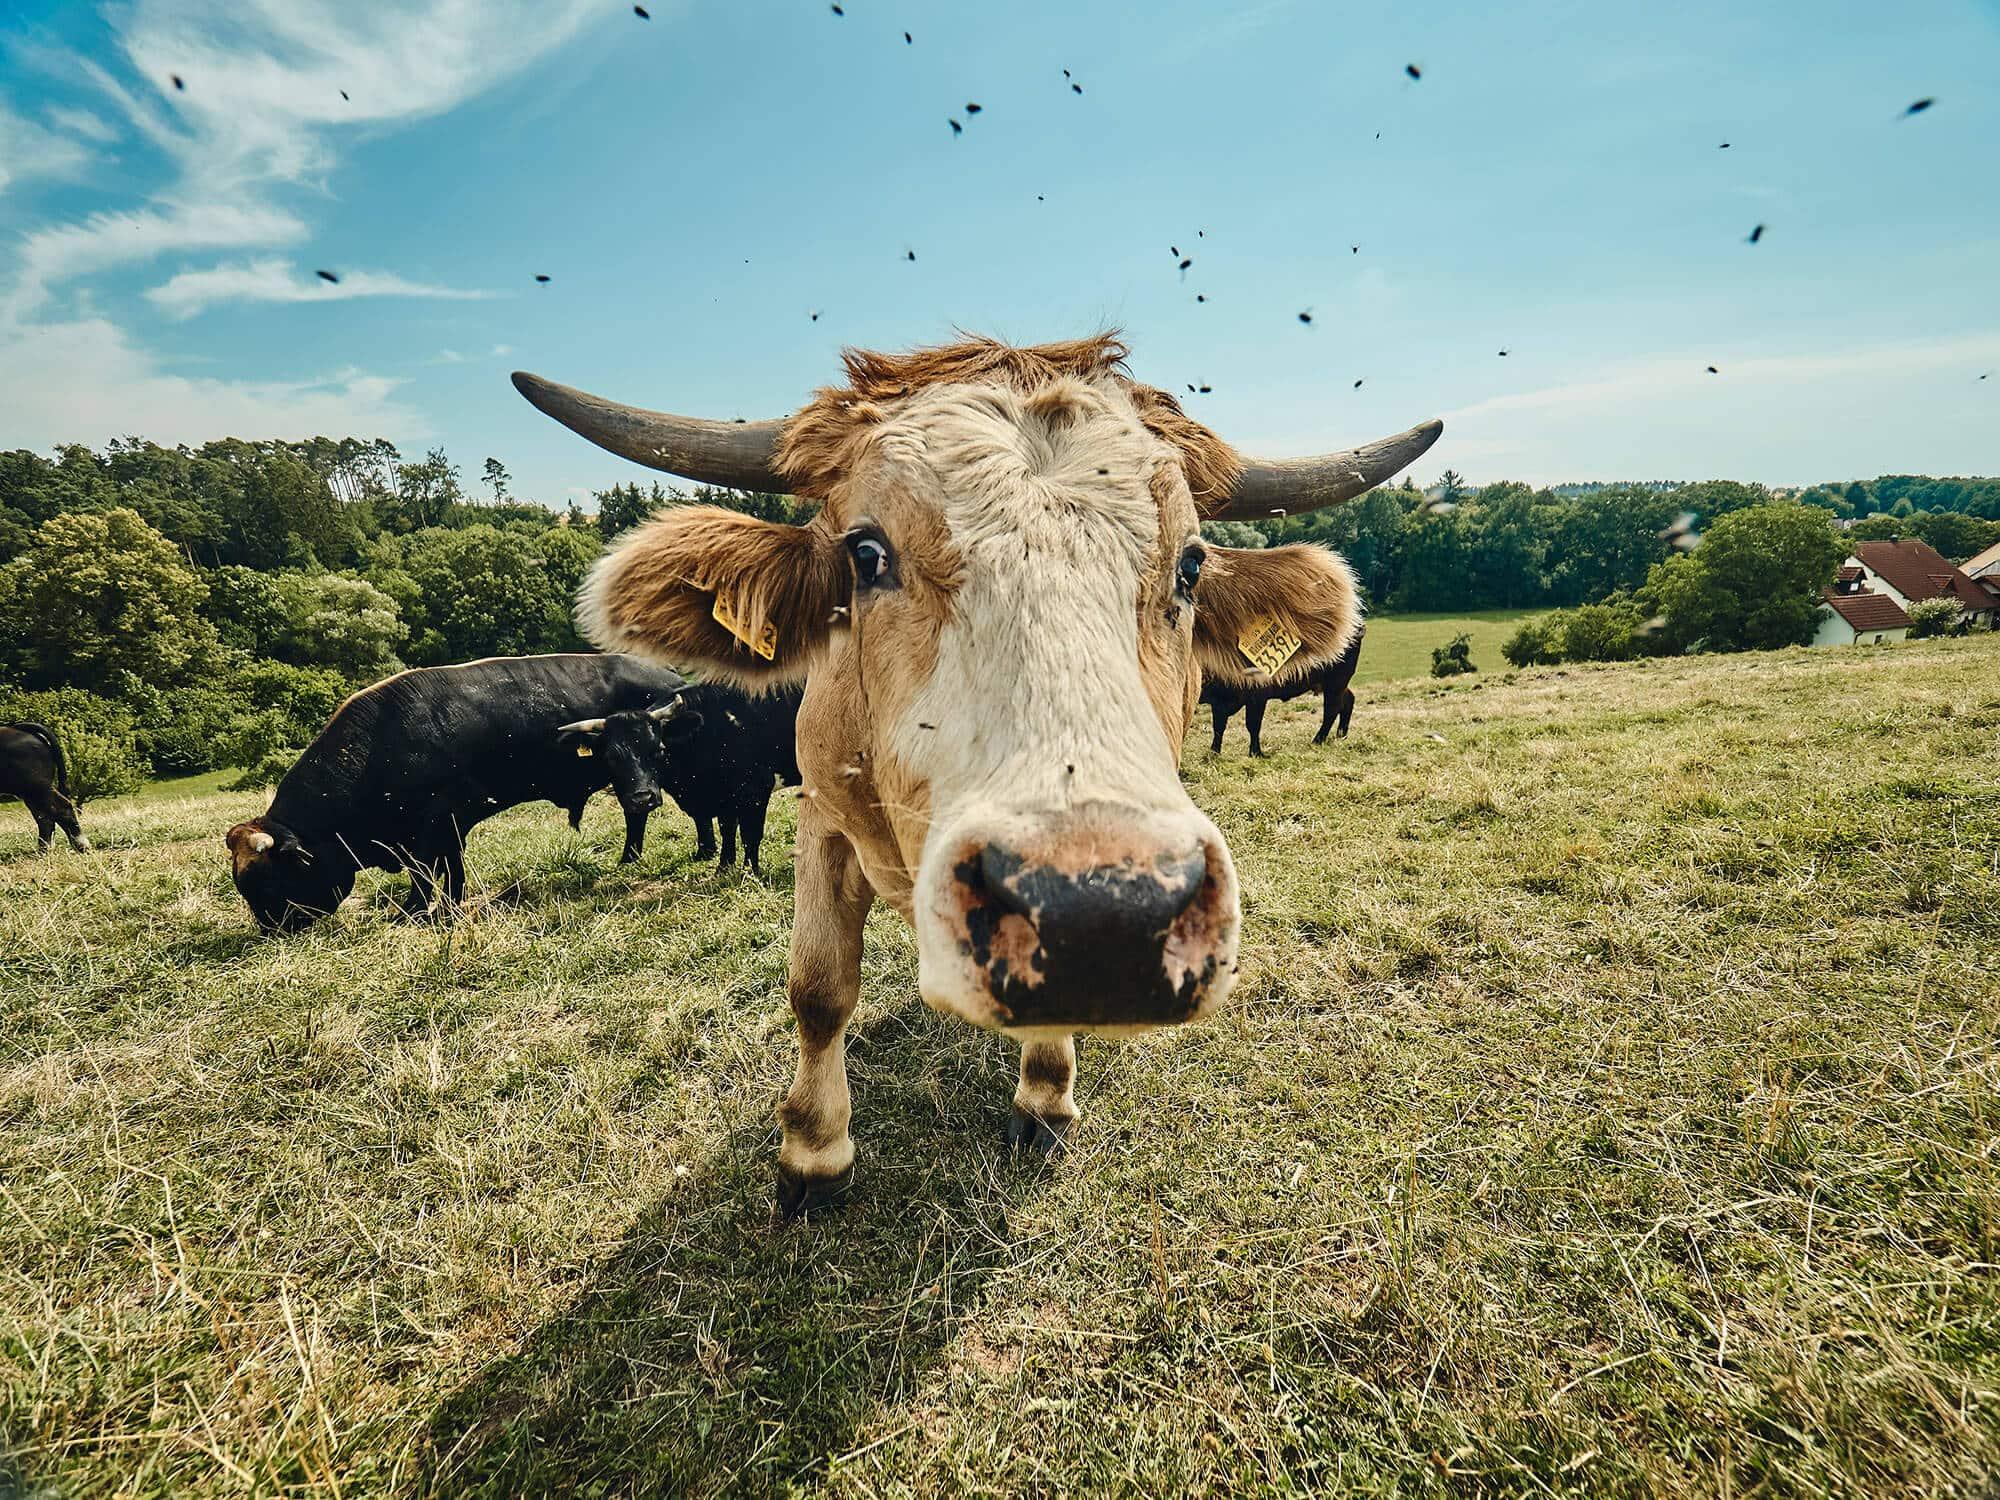 Rinder in Freilandhaltung – Bioland-Bauernhof Fetz